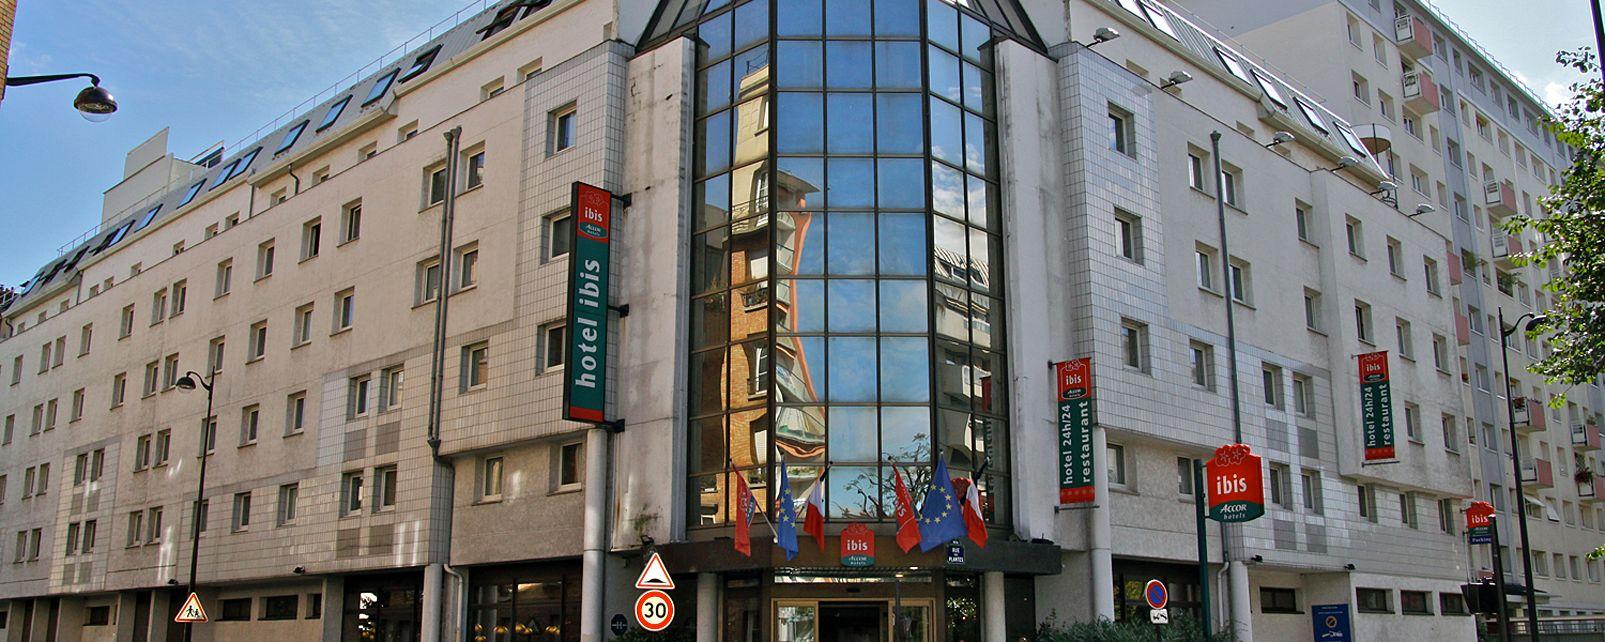 Hotel Rue Alesia Paris